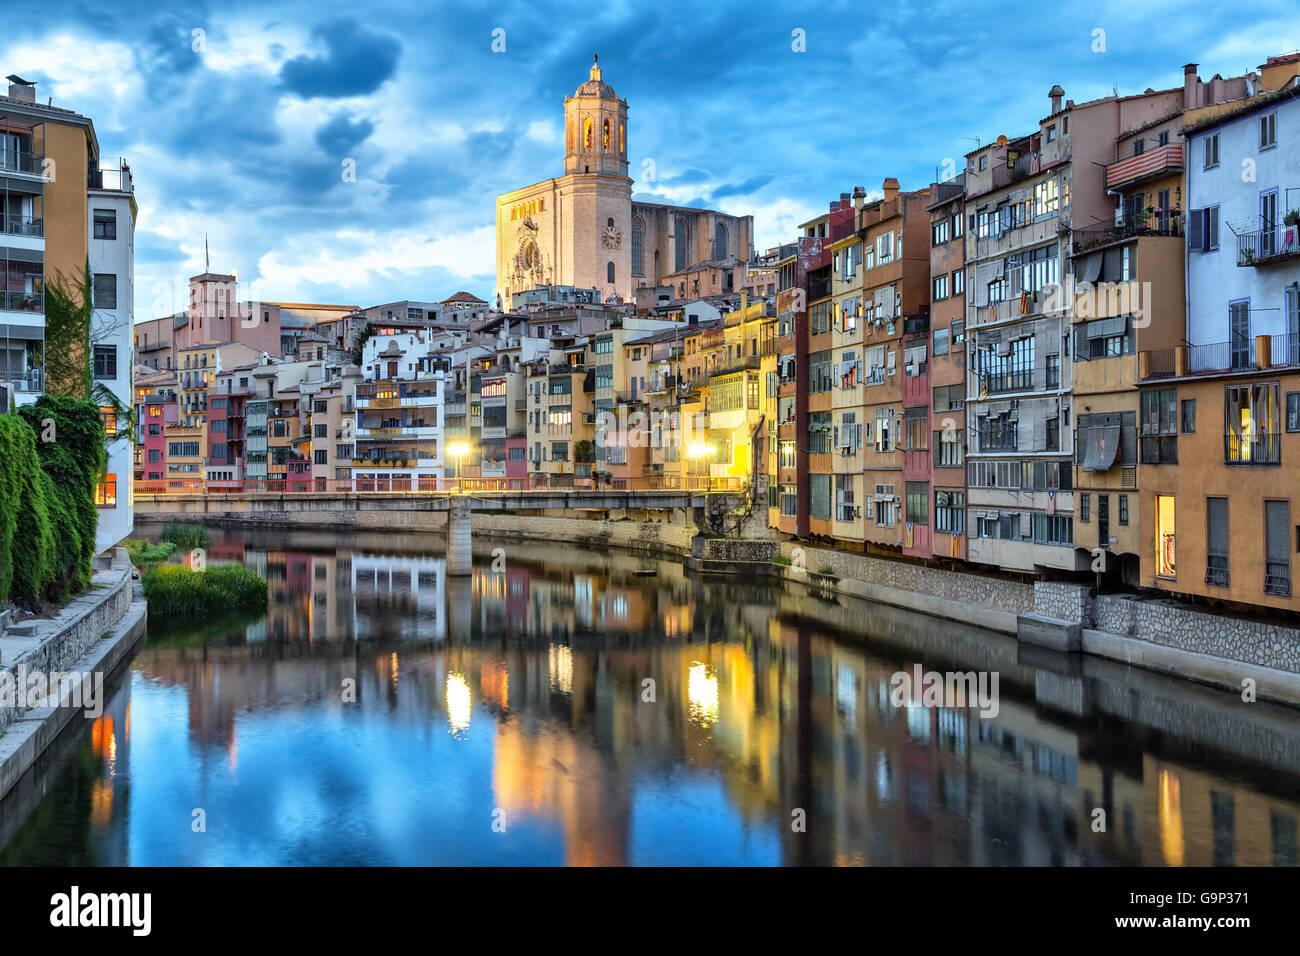 Kathedrale und bunten Häusern auf der Seite der Fluss Onyar am Abend, Girona, Katalonien, Spanien Stockbild